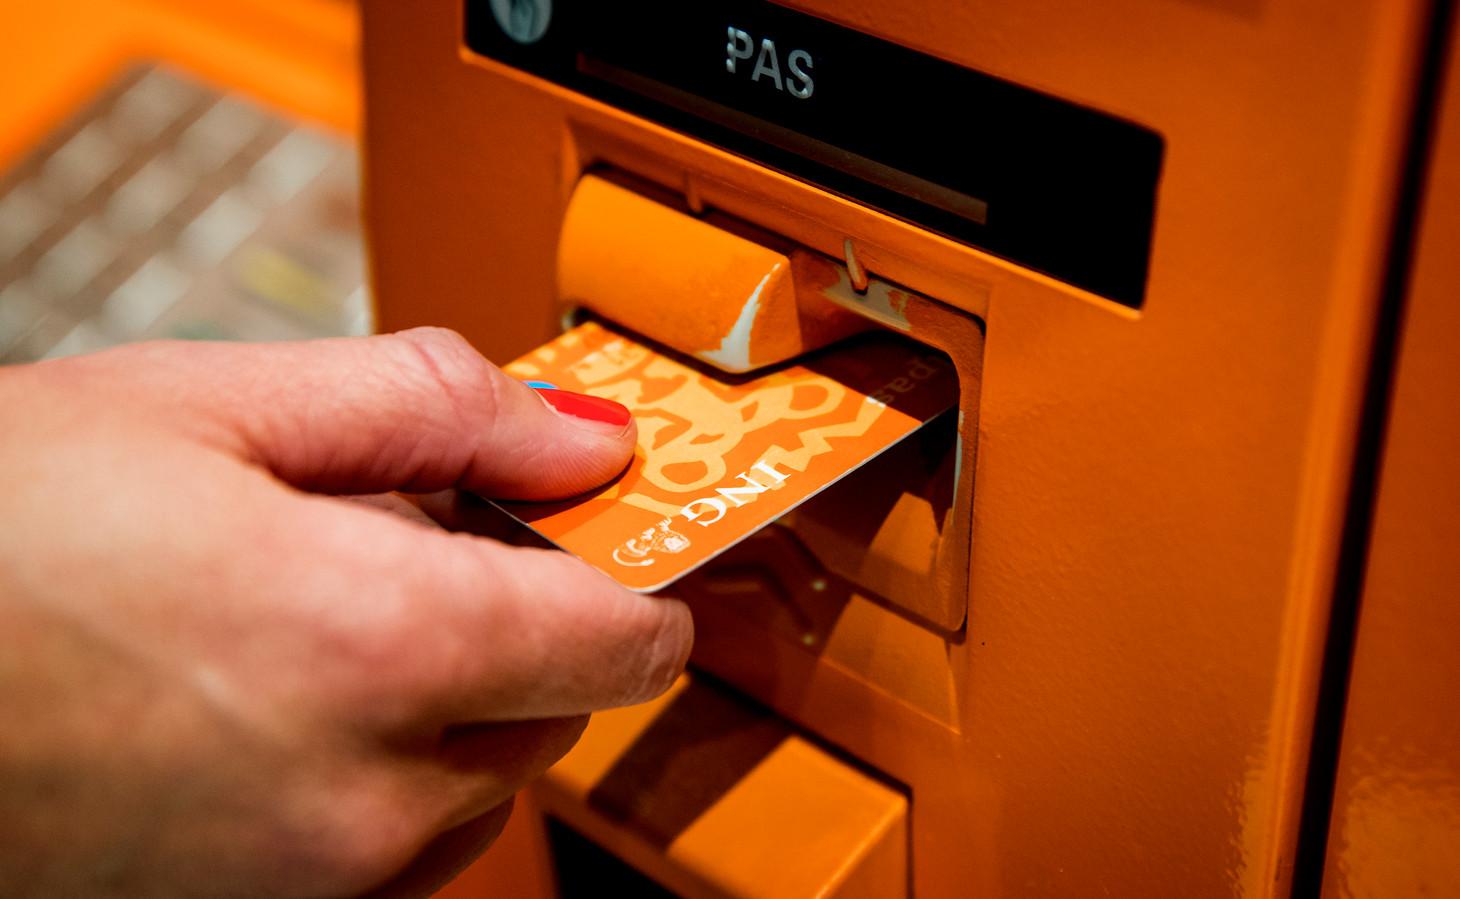 Een klant gebruikt een pinautomaat van de ING bank.